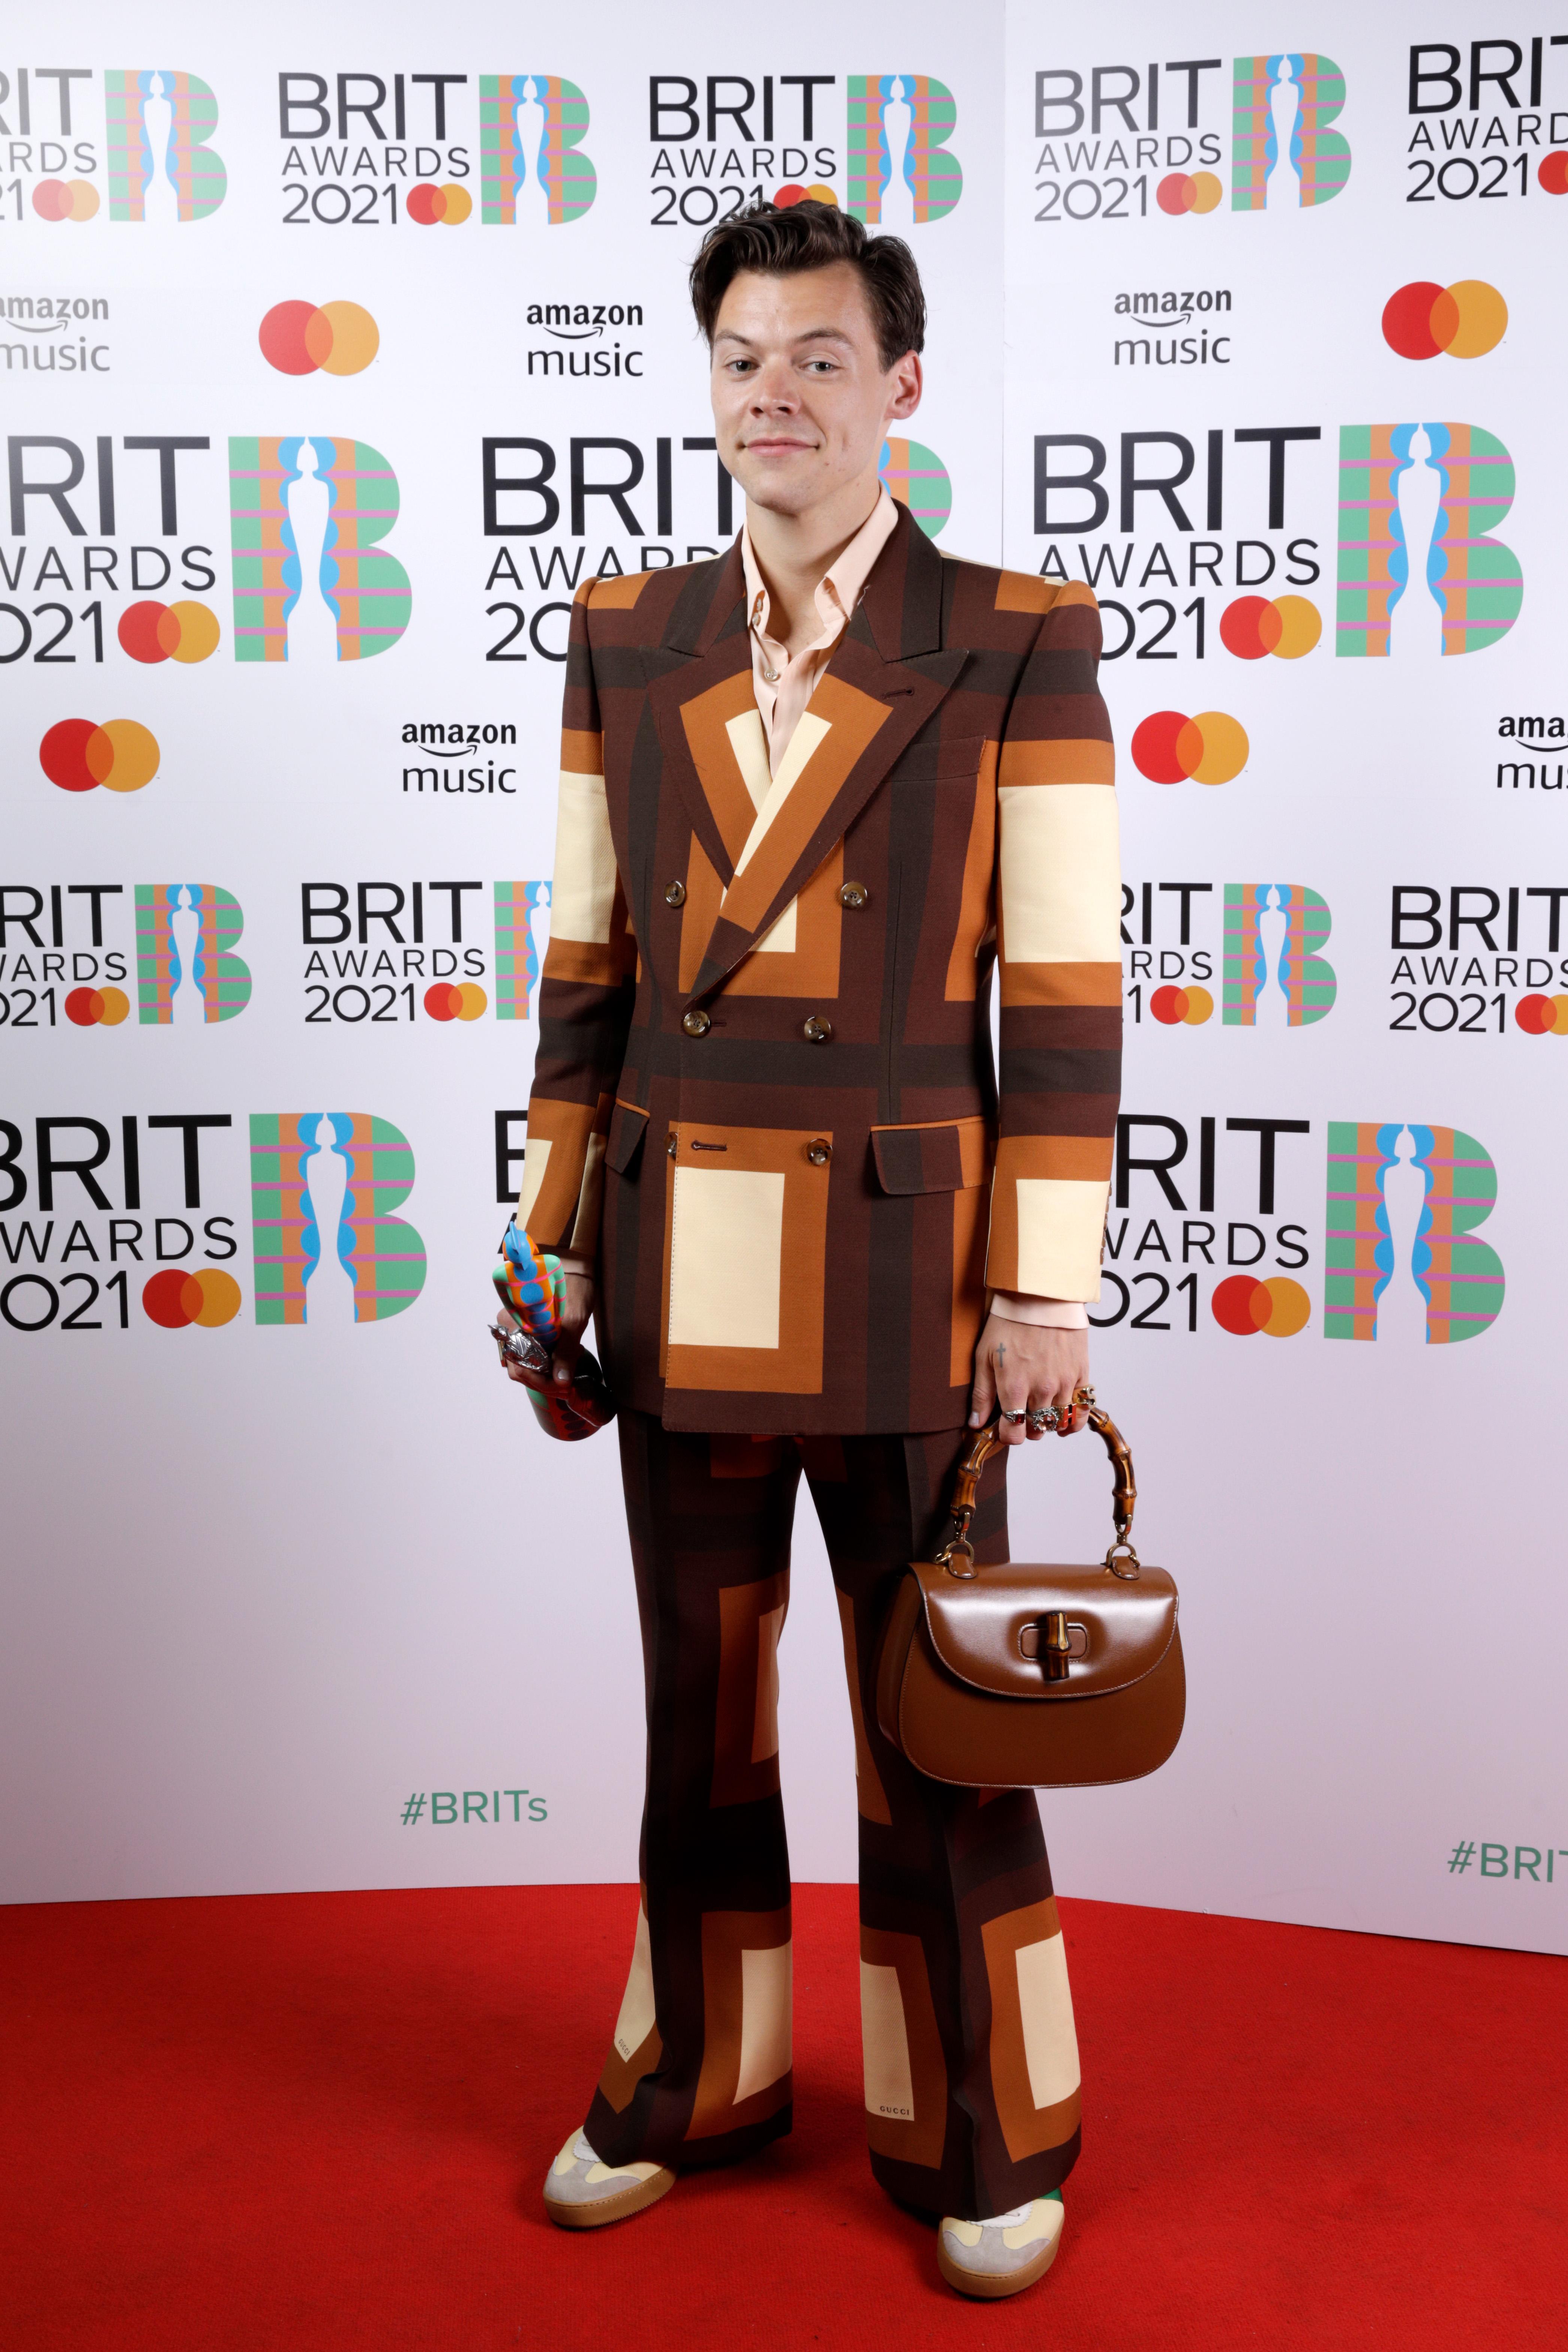 Harry Styles no tapete vermelho do BRIT Awards 2021. Ele está usando um terninho com xadrez em tons de marrom e bege. Com uma das mãos, ele segura uma bolsa marrom de alça curta, e com a outra uma estatueta da premiação. Ele está sorrindo levemente olhando para a câmera.Harry Styles no tapete vermelho do BRIT Awards 2021. Ele está usando um terninho com xadrez em tons de marrom e bege. Com uma das mãos, ele segura uma bolsa marrom de alça curta, e com a outra uma estatueta da premiação. Ele está sorrindo levemente olhando para a câmera.